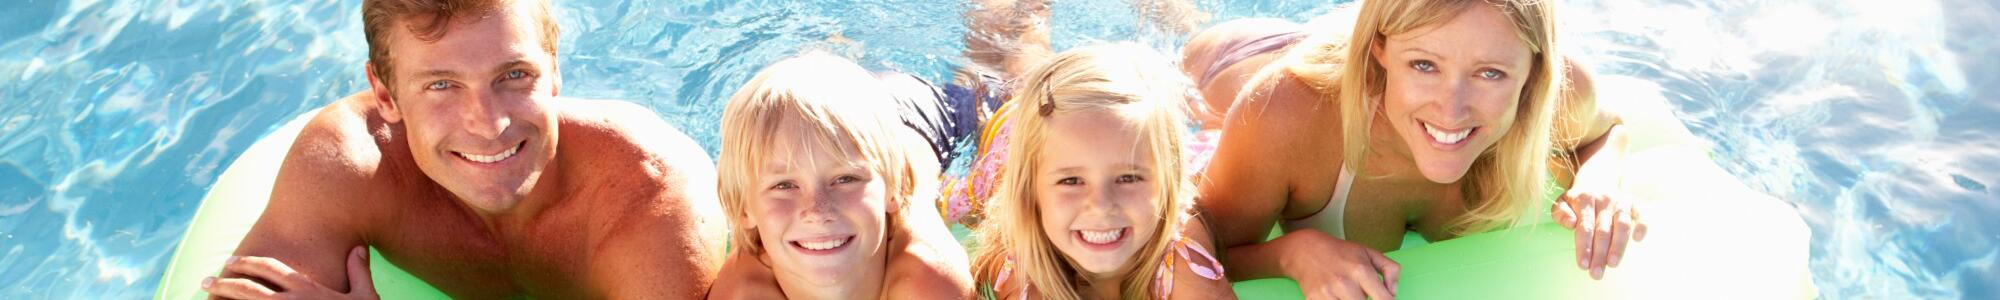 Speciale Offerta di Giugno sul Lago di Garda in hotel con piscina e centro benessere